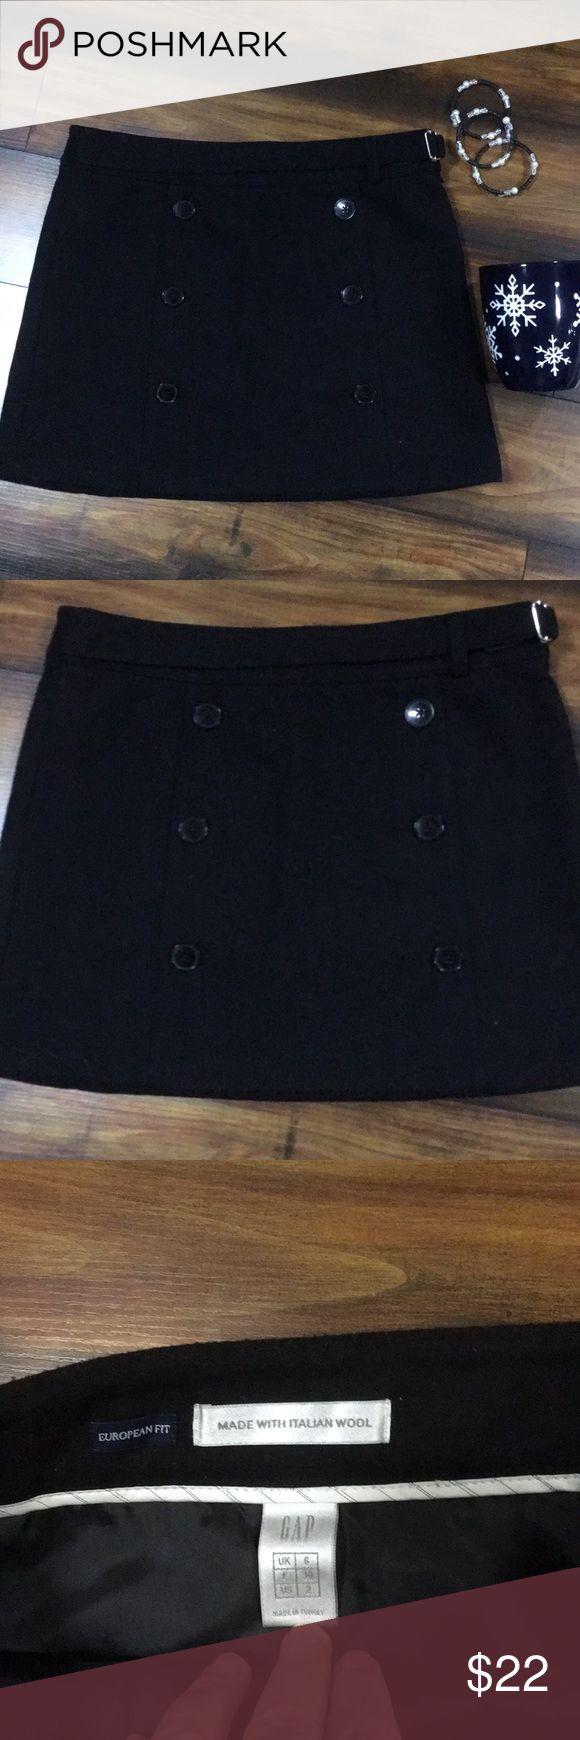 Final markdown Gap Italian wool mini skirt EUC. Please see pics. GAP Skirts Mini